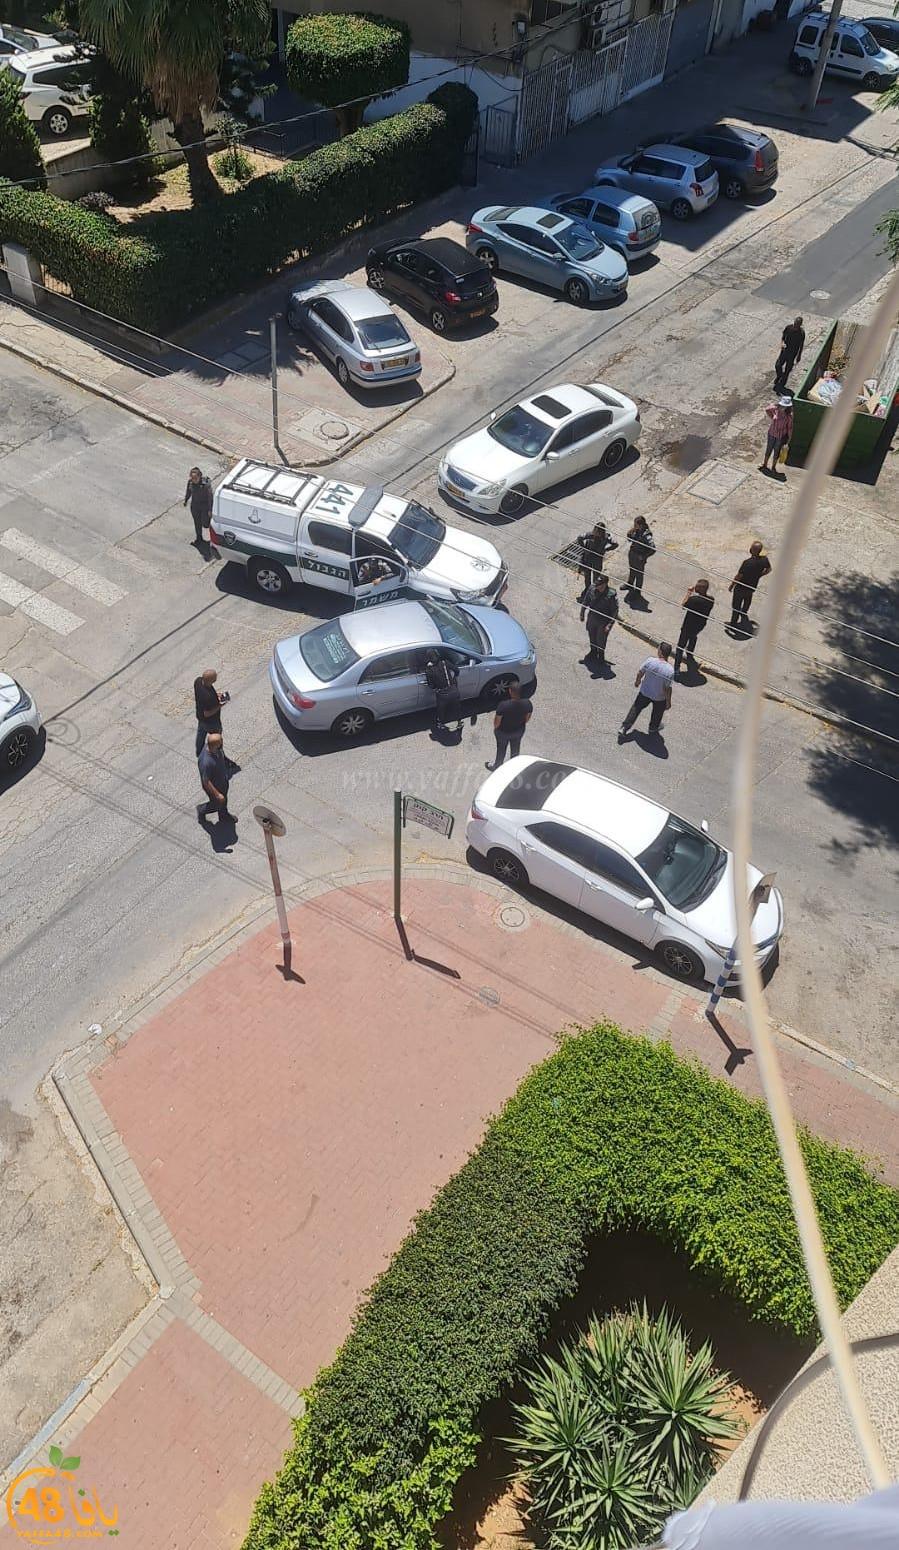 اللد: شرطي يتسبب بحادث طرق دون تسجيل اصابات